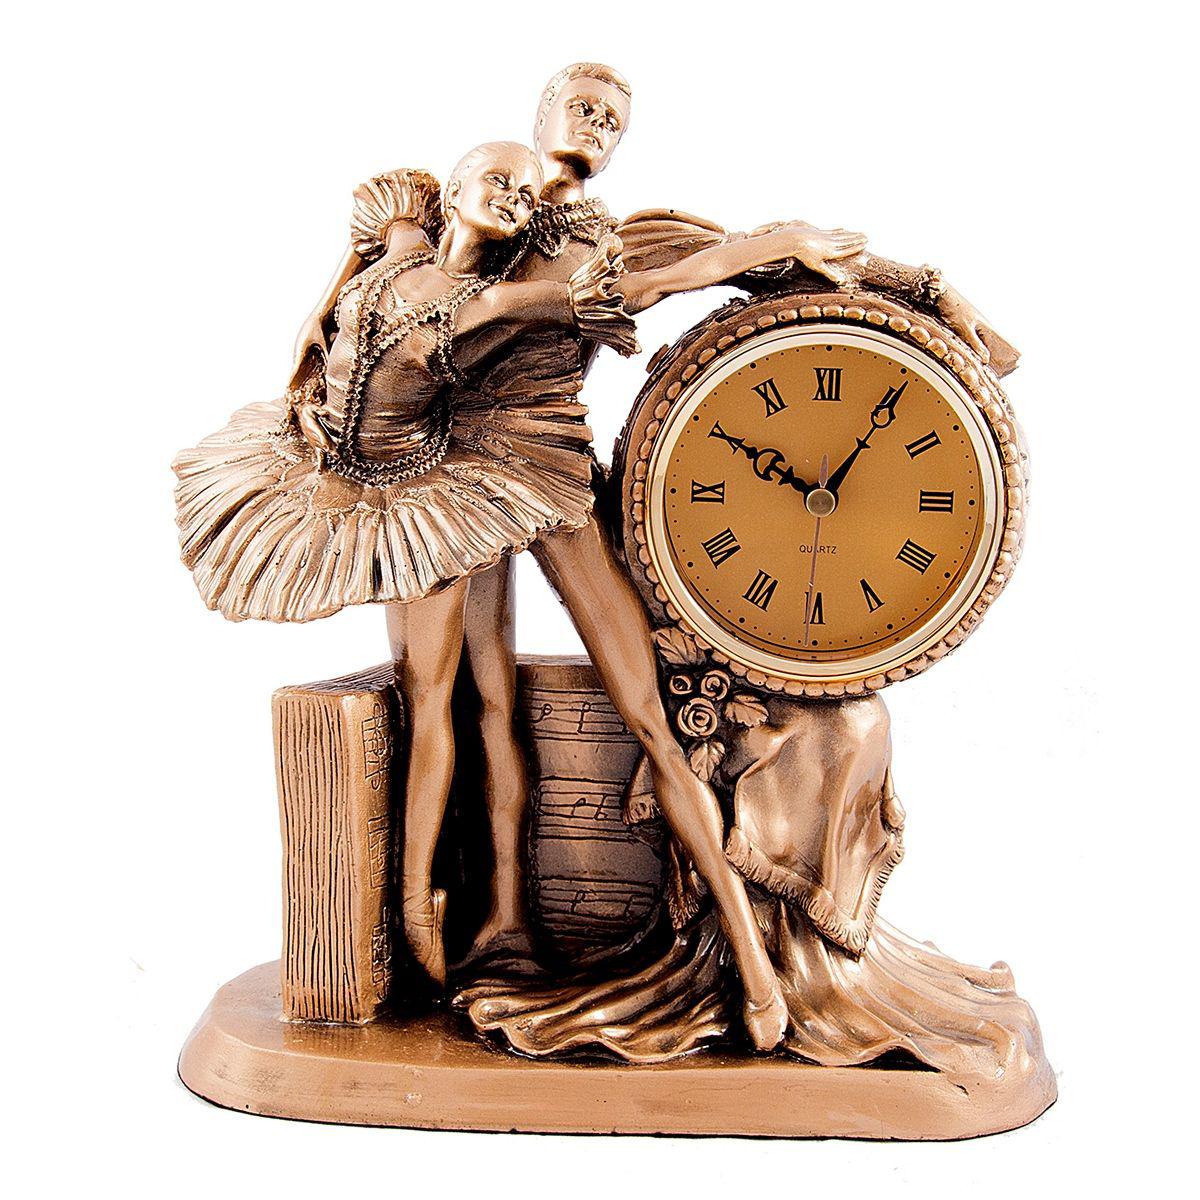 Часы настольные Русские Подарки Балет, 23 х 12 х 26 см. 5937359373Настольные кварцевые часы Русские Подарки Балет изготовлены из полистоуна, циферблат защищен стеклом. Часы имеют три стрелки - часовую, минутную и секундную. Изящные часы красиво и оригинально оформят интерьер дома или рабочий стол в офисе. Также часы могут стать уникальным, полезным подарком для родственников, коллег, знакомых и близких. Часы работают от батареек типа АА (в комплект не входят).